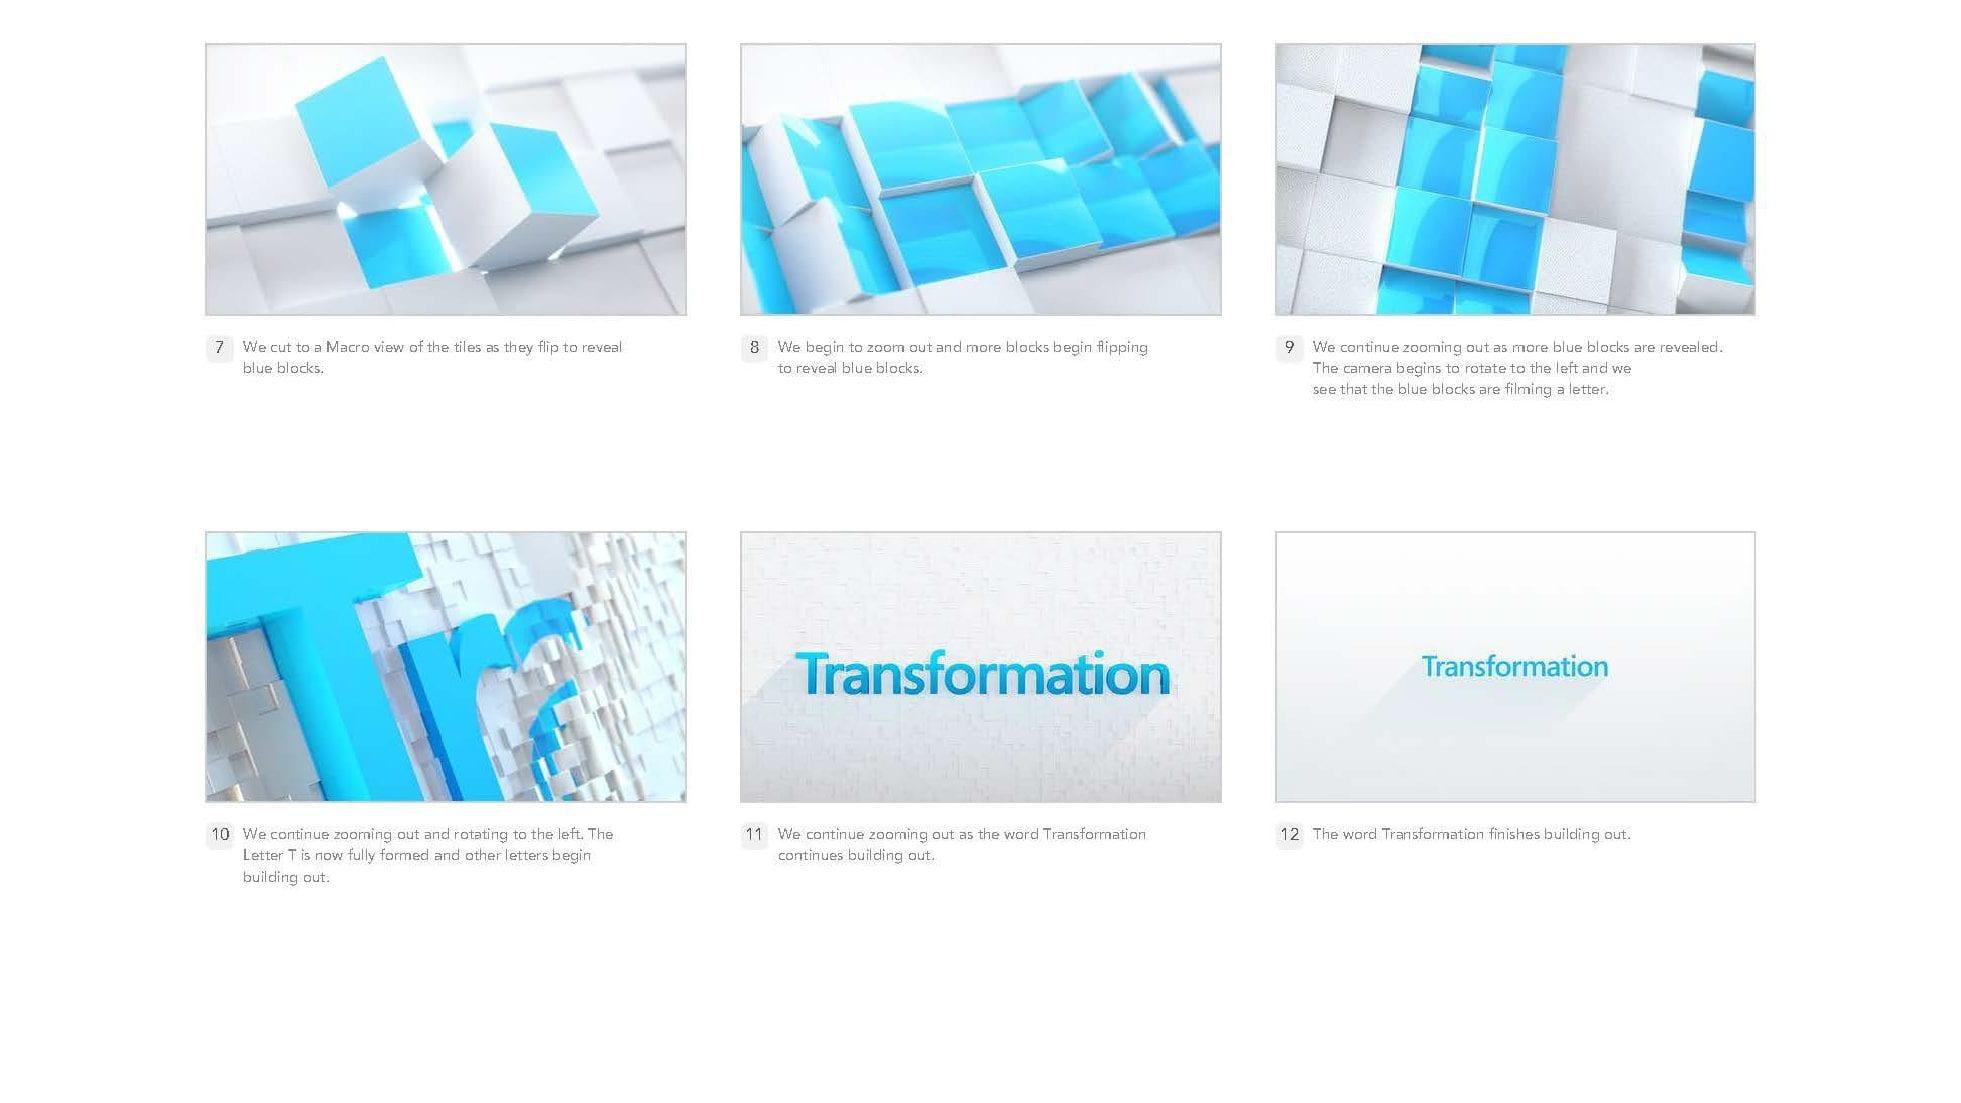 R&F_Microsoft_Transform_Open_012920_Page_2